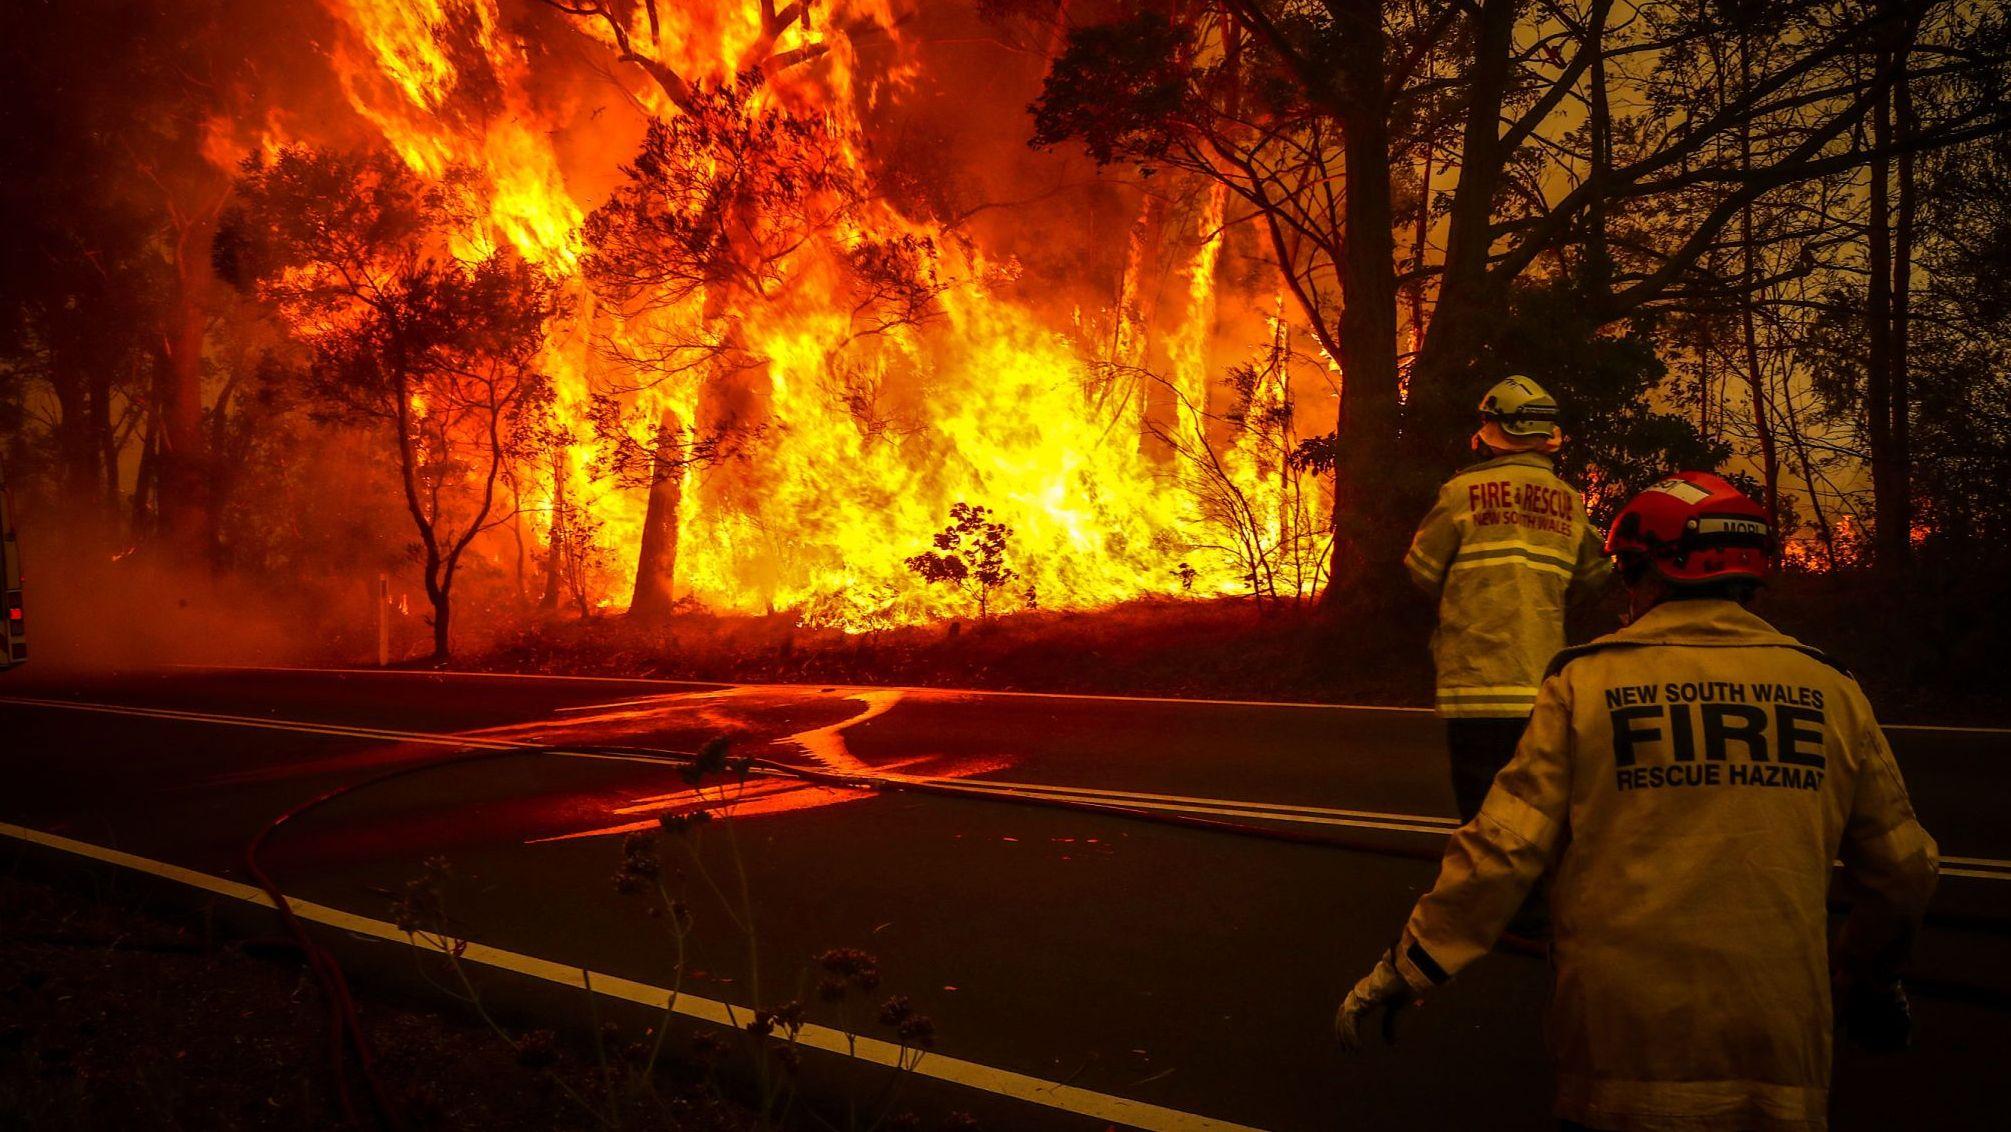 «Люди шьют сумки для коал и кенгурят»: рассказ нашего человека из Австралии, охваченной лесными пожарами